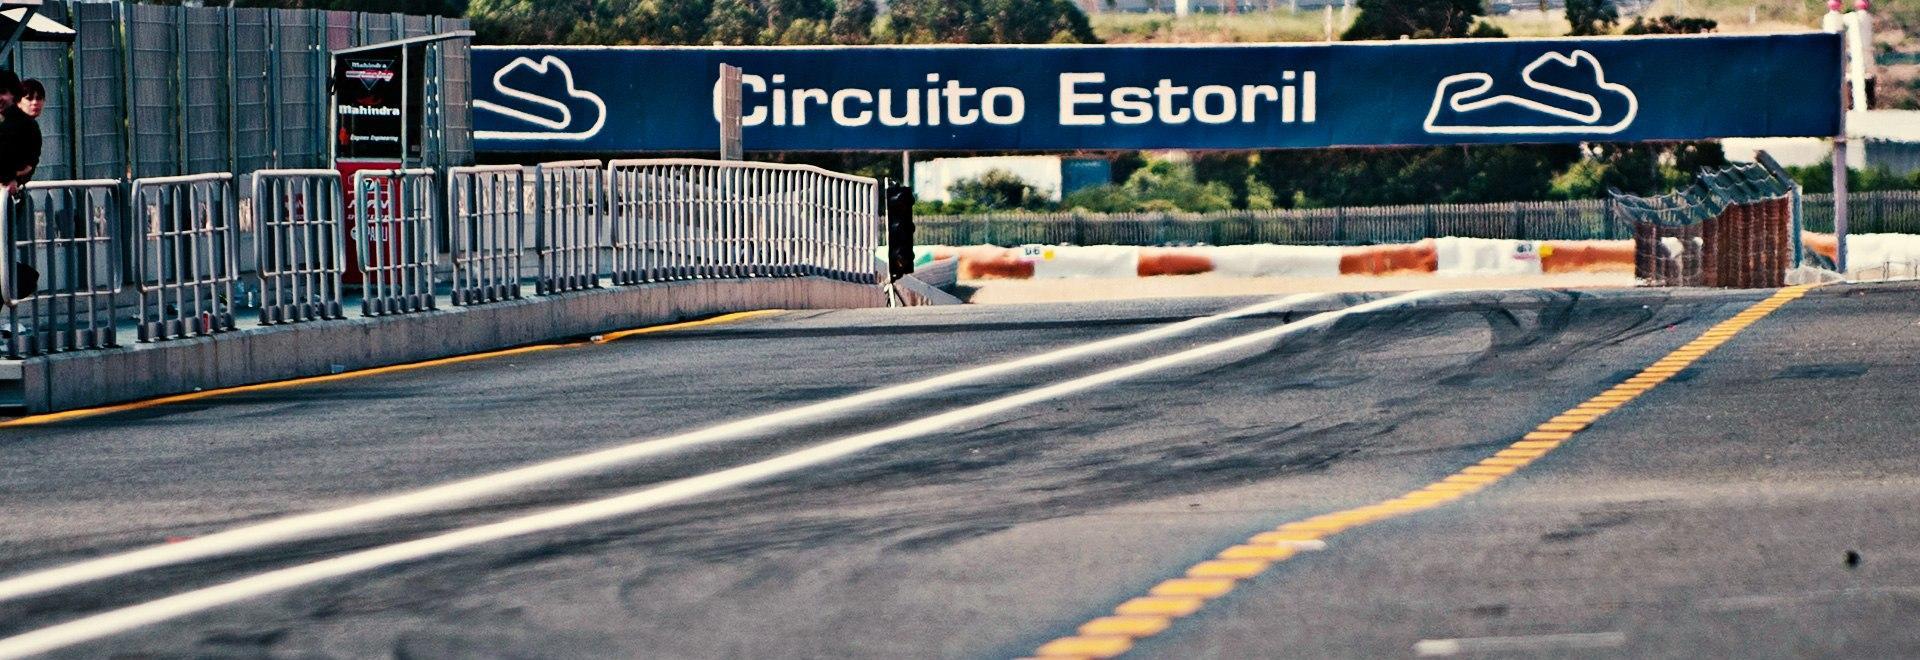 12 ore Estoril